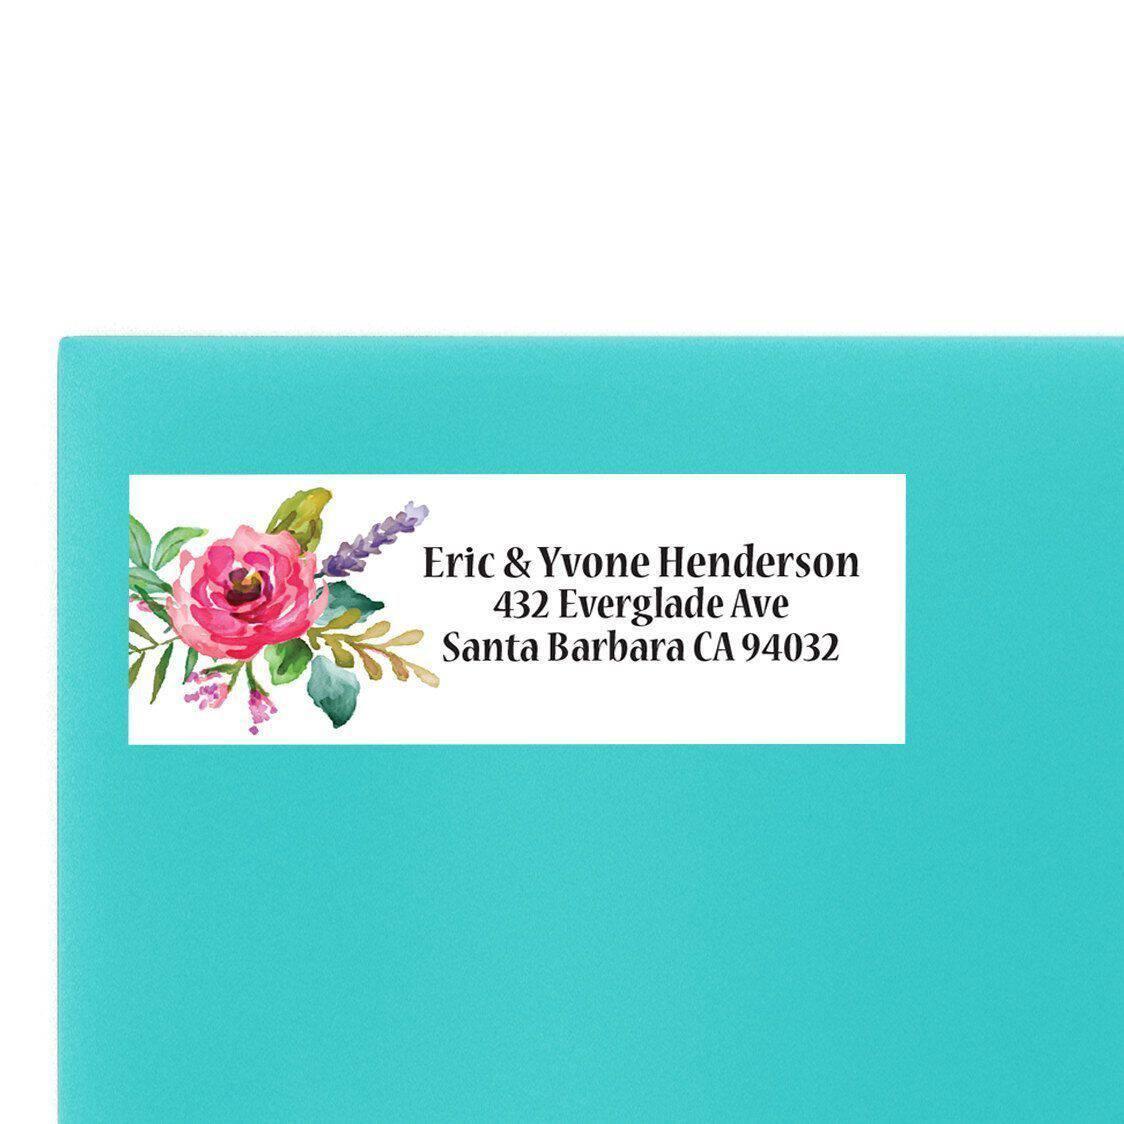 Floral Wedding Return Address Labels